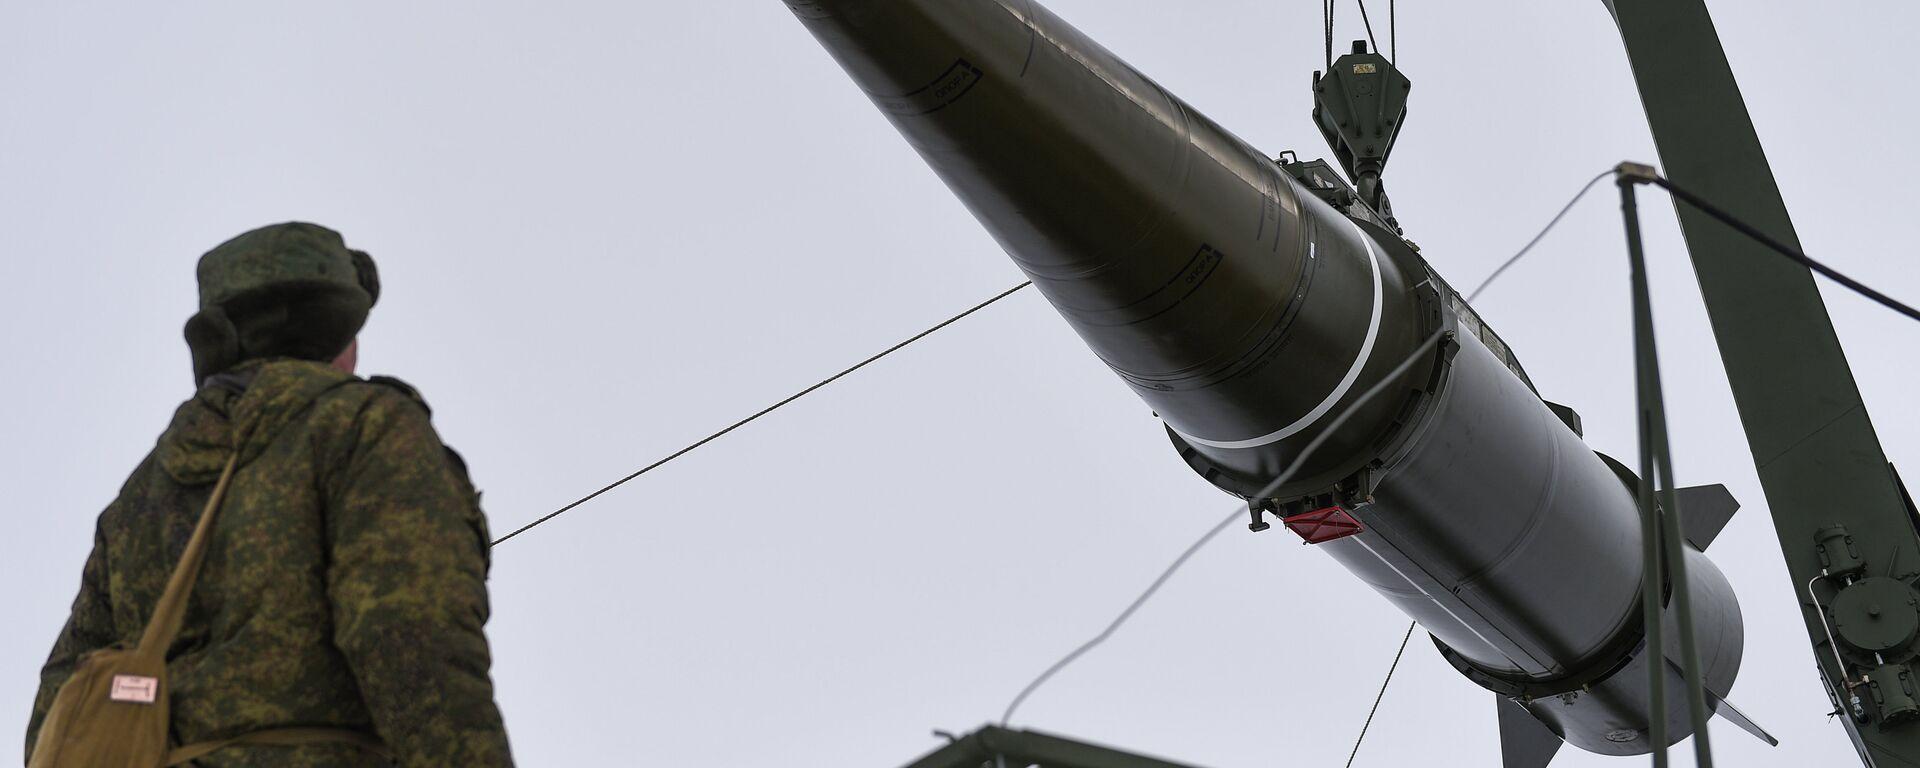 Militares se preparan para lanzar un misil del sistema Iskander-M - Sputnik Mundo, 1920, 12.11.2020